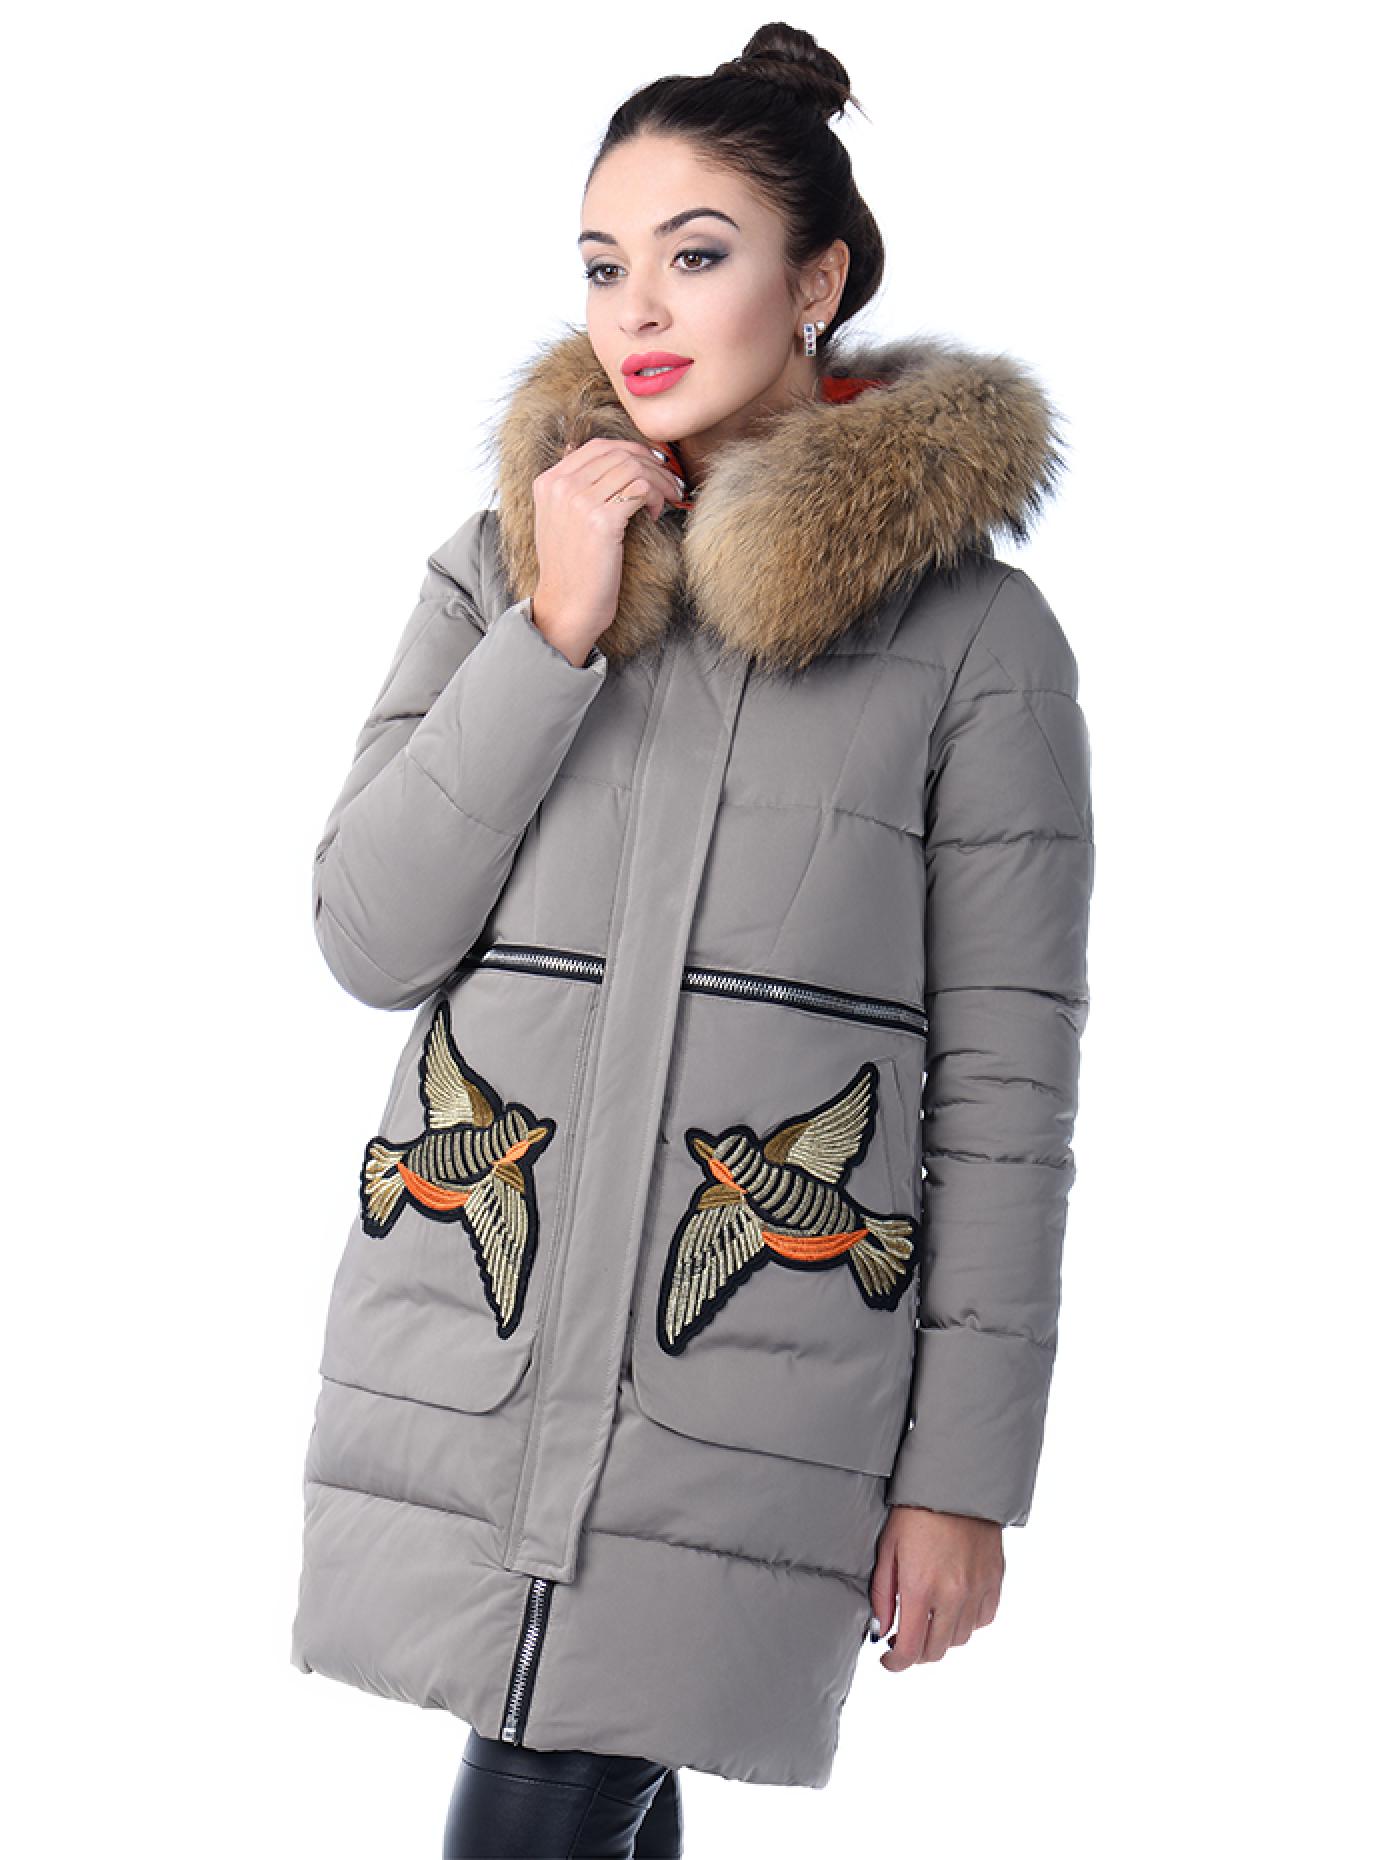 Зимняя парка с мехом енота и вышивкой Серый L (05-ZL2551): фото - Alster.ua